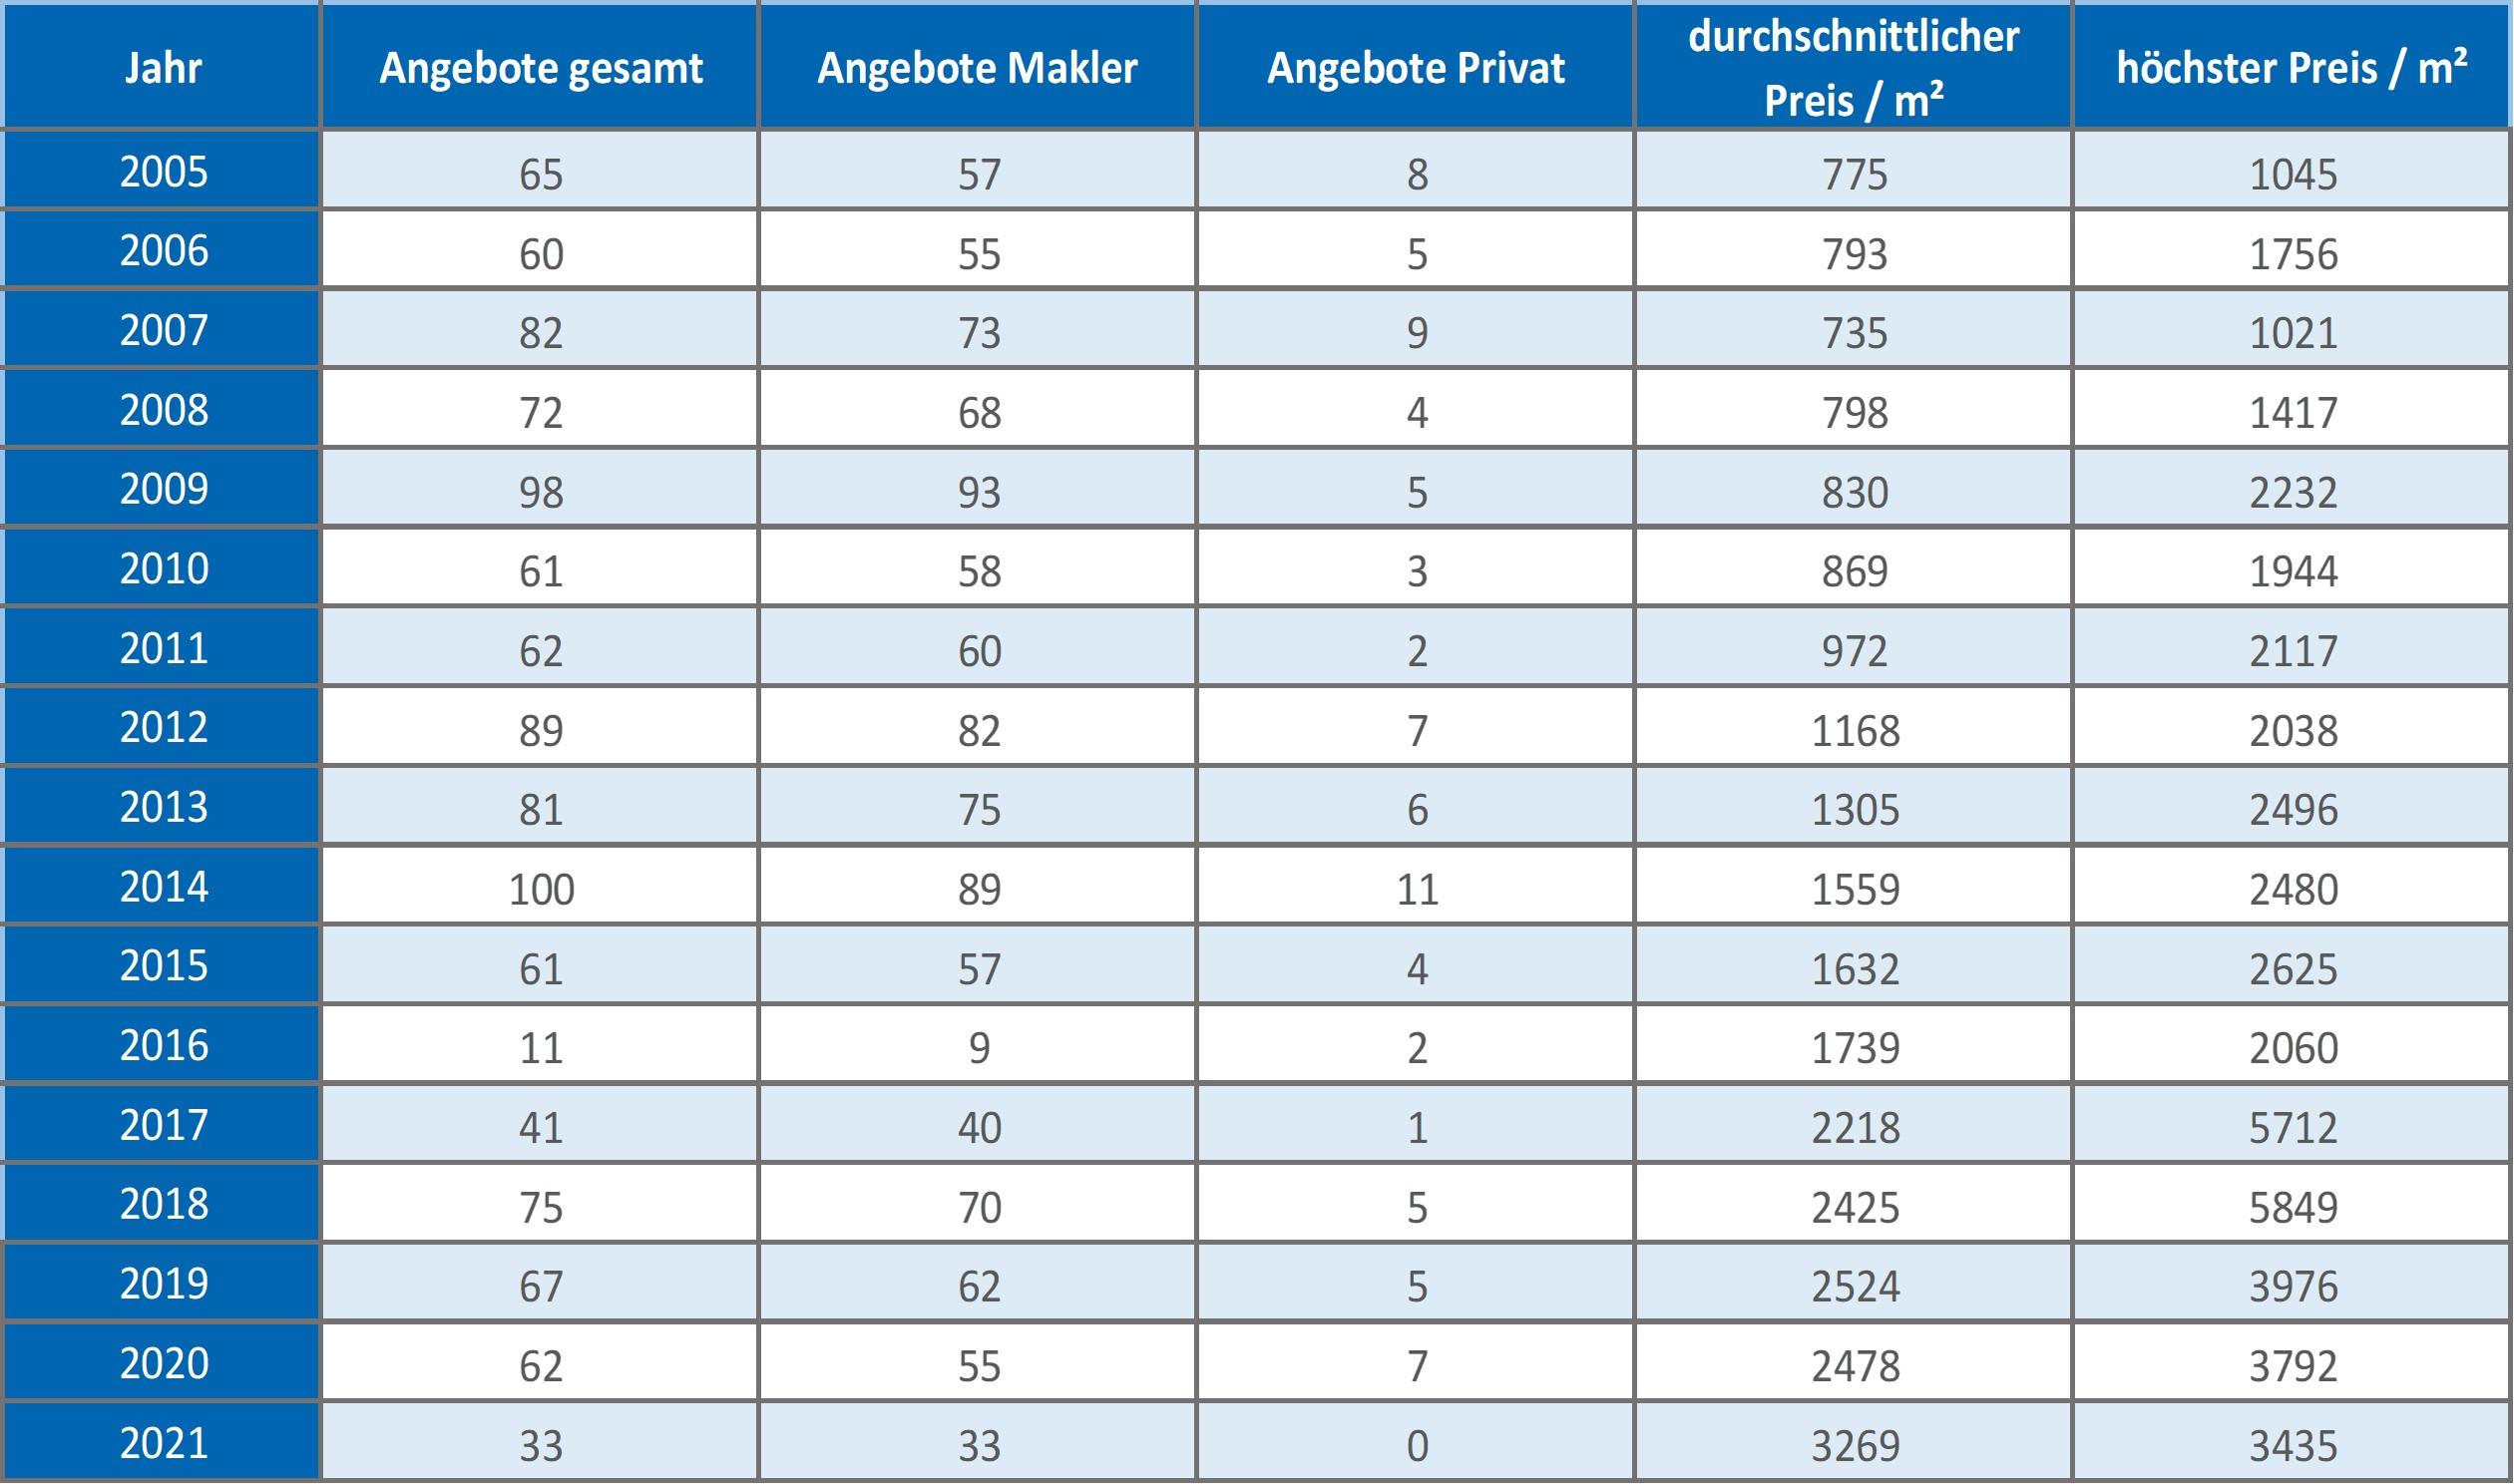 München-Trudering-Grundstück-Kaufen-Verkaufen-Makler 2019 2020 2021